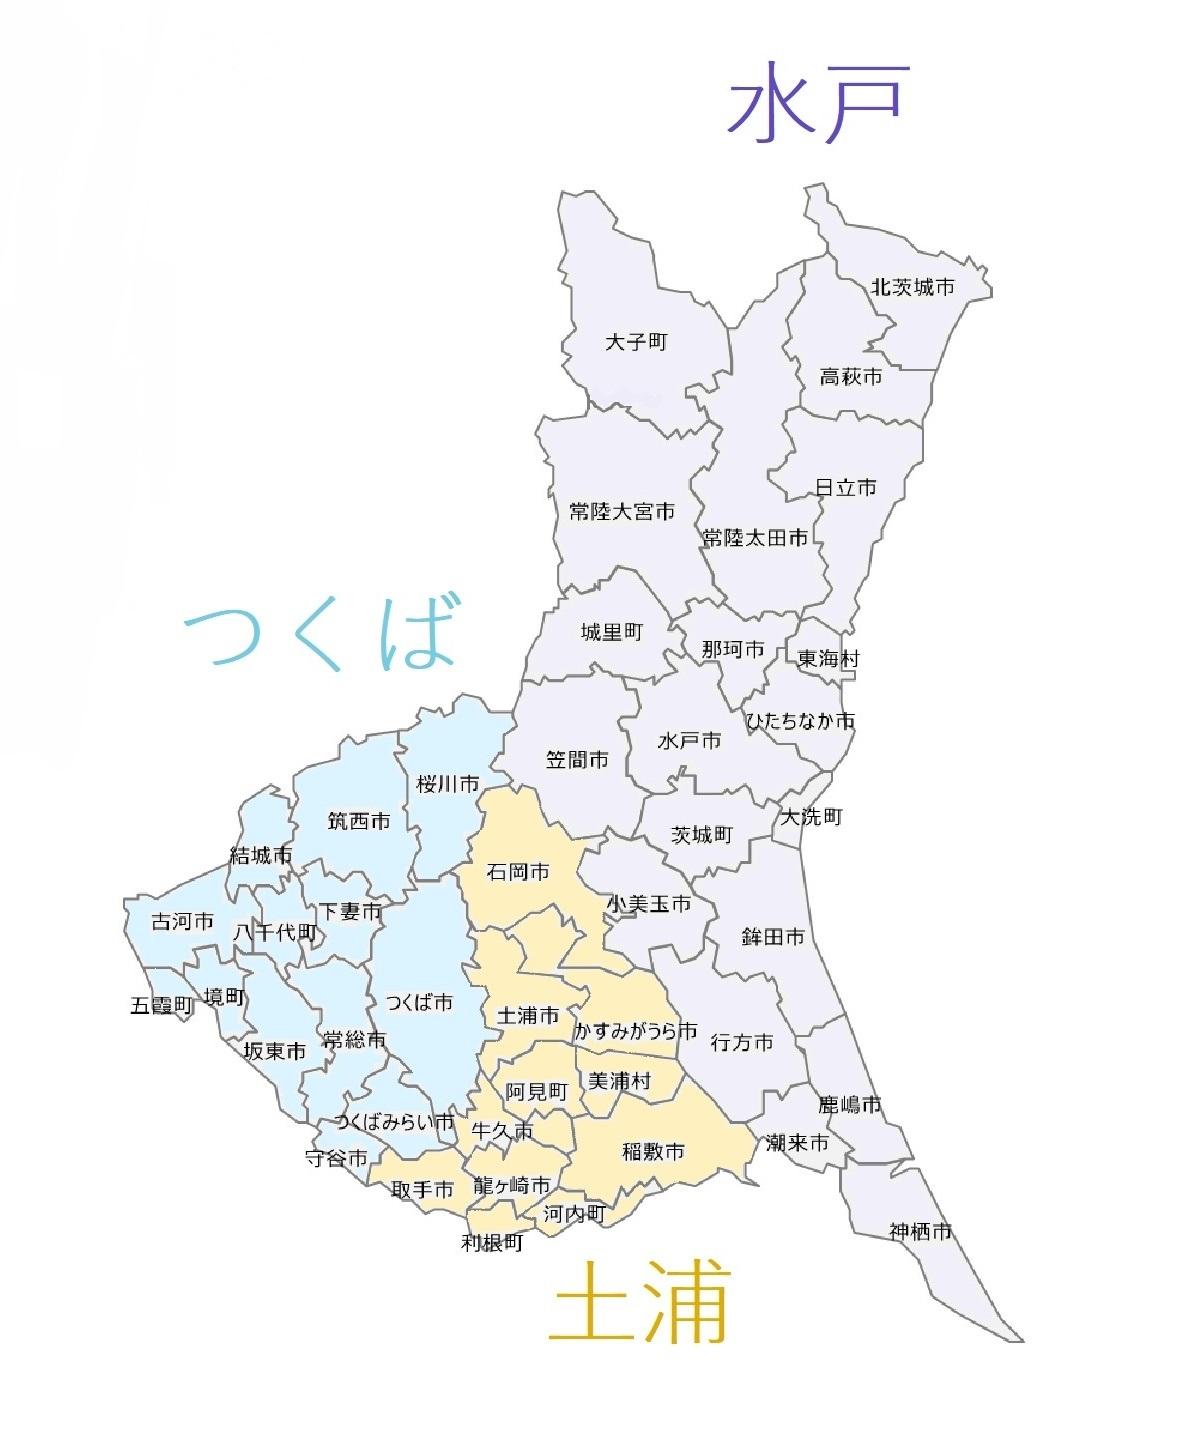 茨城県のナンバープレート地域区分2020